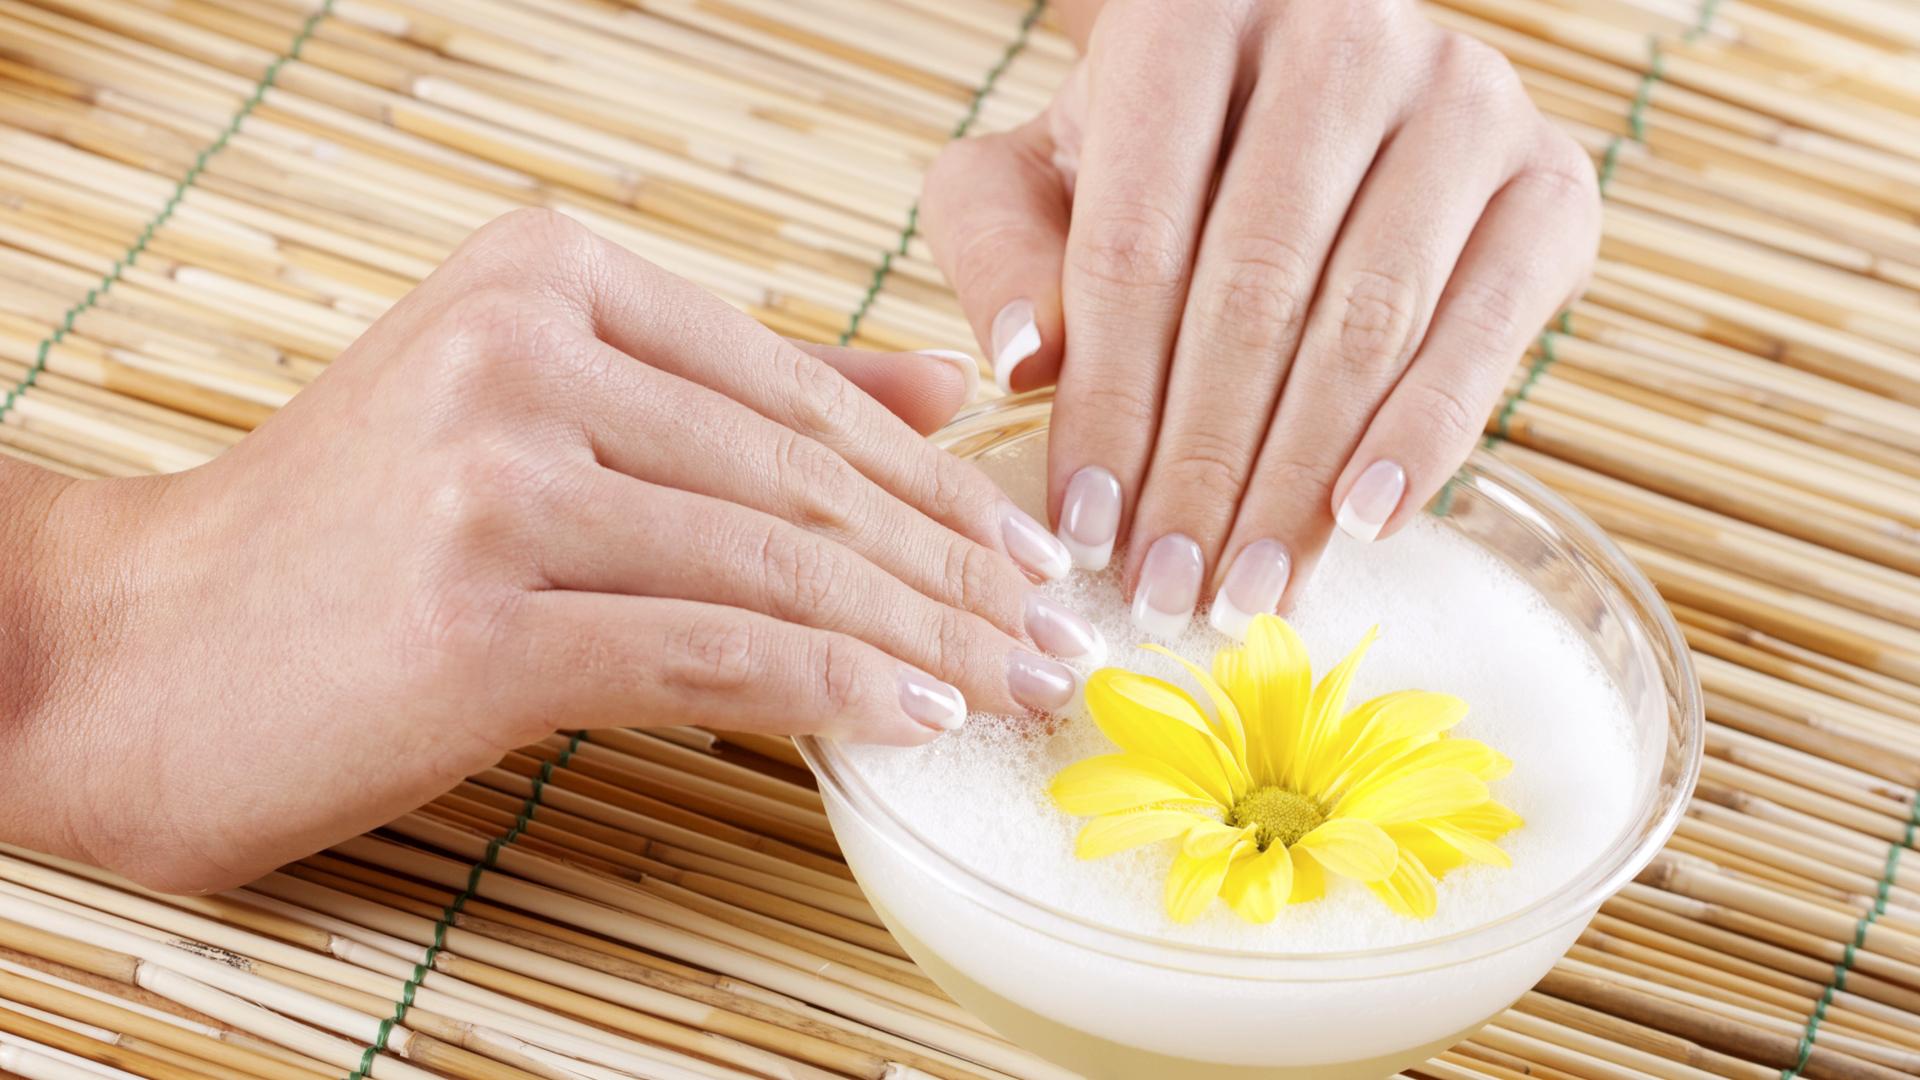 5 лучших средств для укрепления ногтей в домашних условиях 43